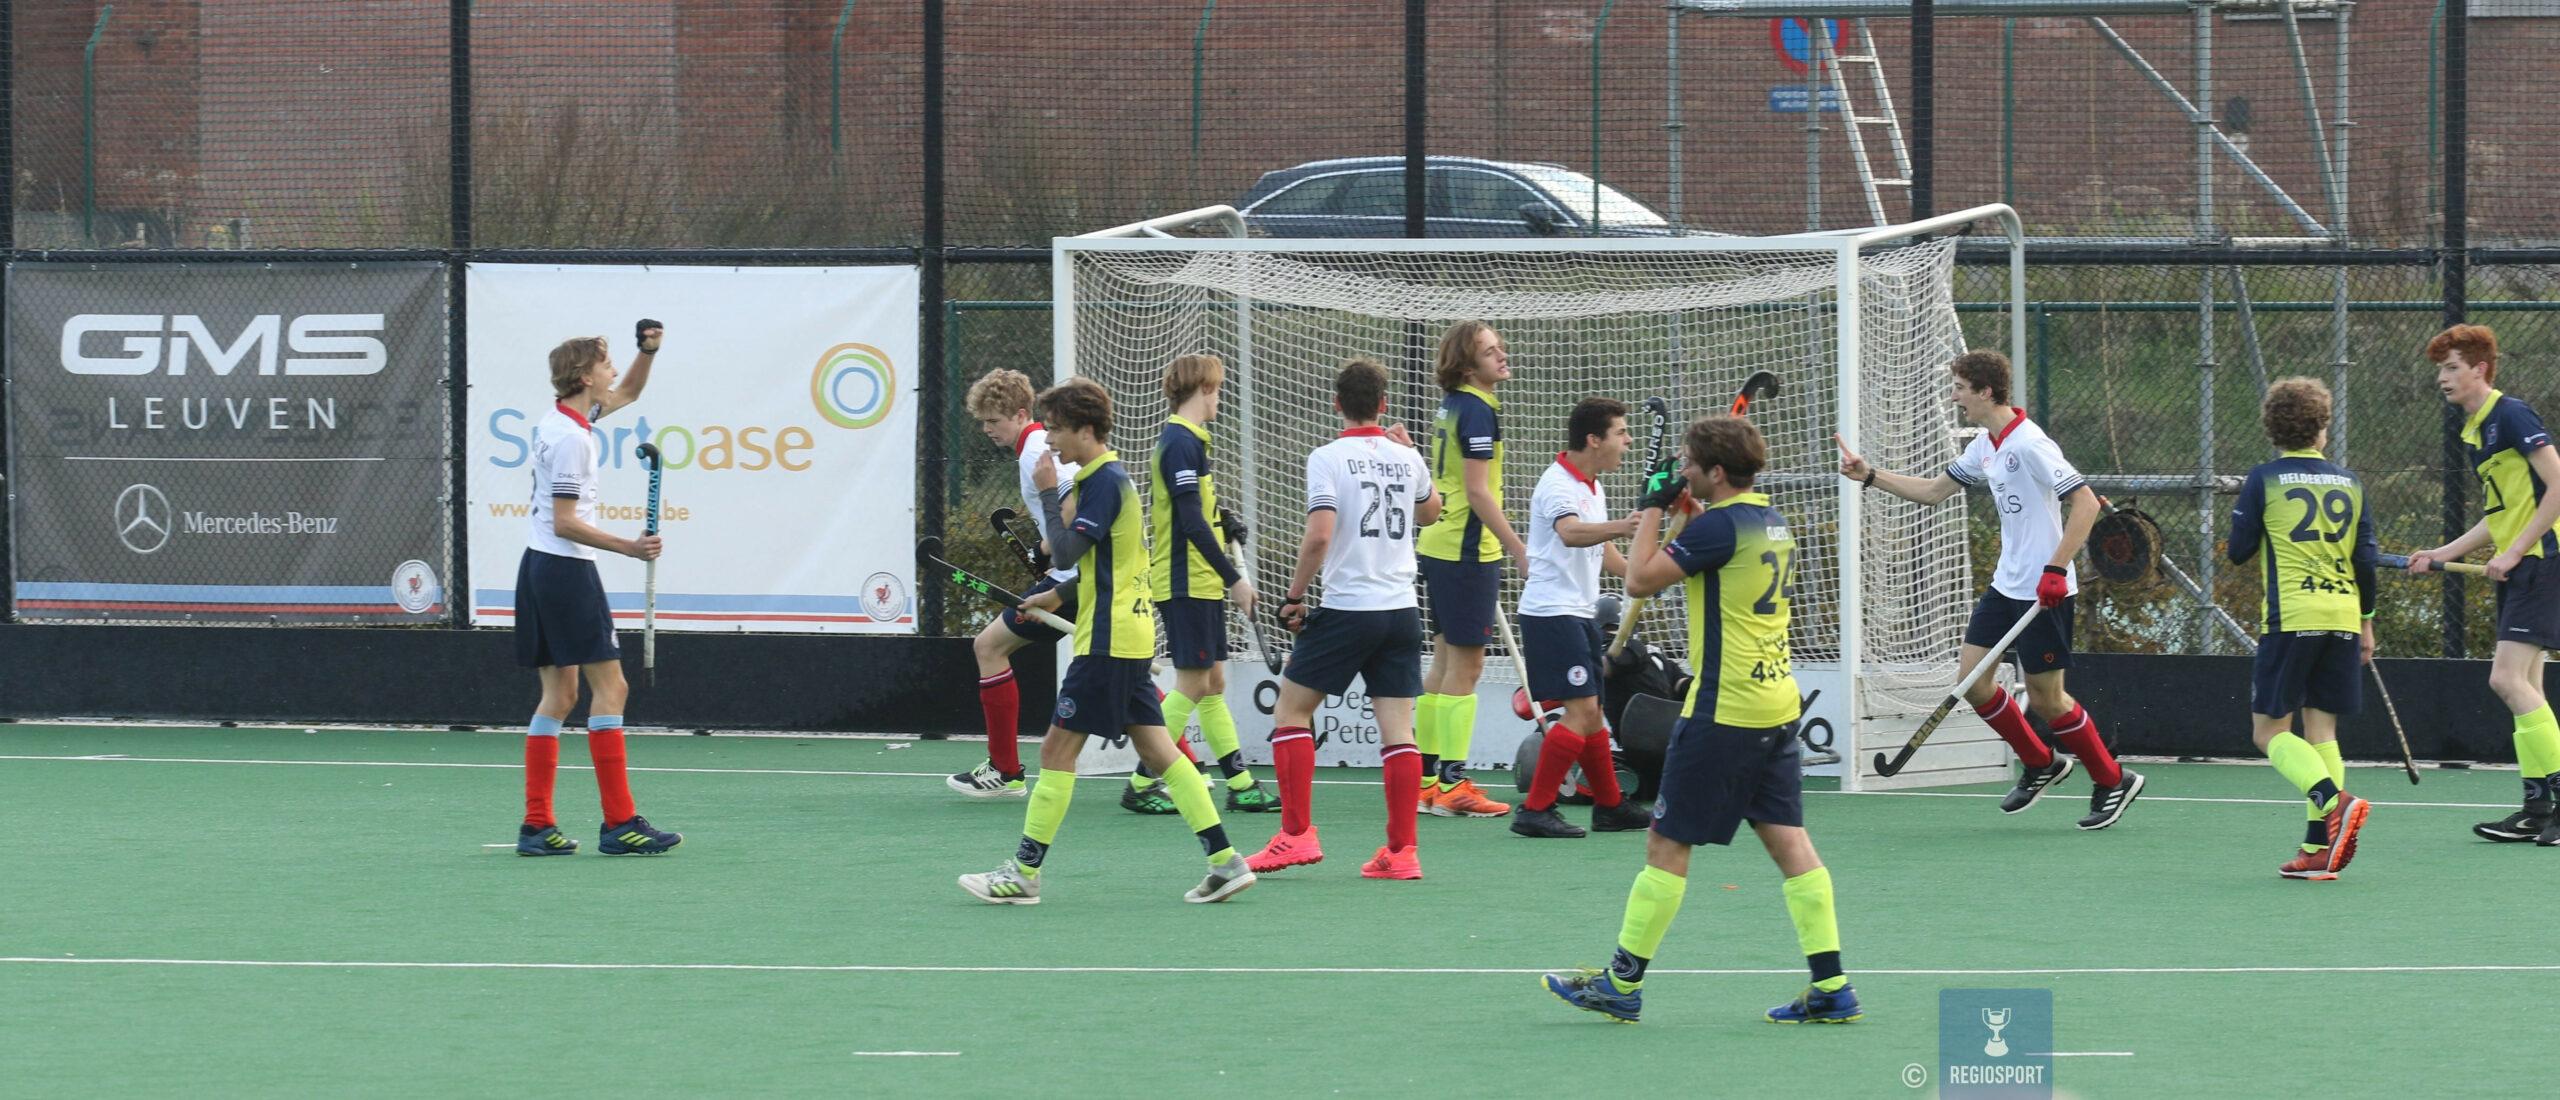 U19 boys KHC Leuven nemen de maat van Indiana De Pinte